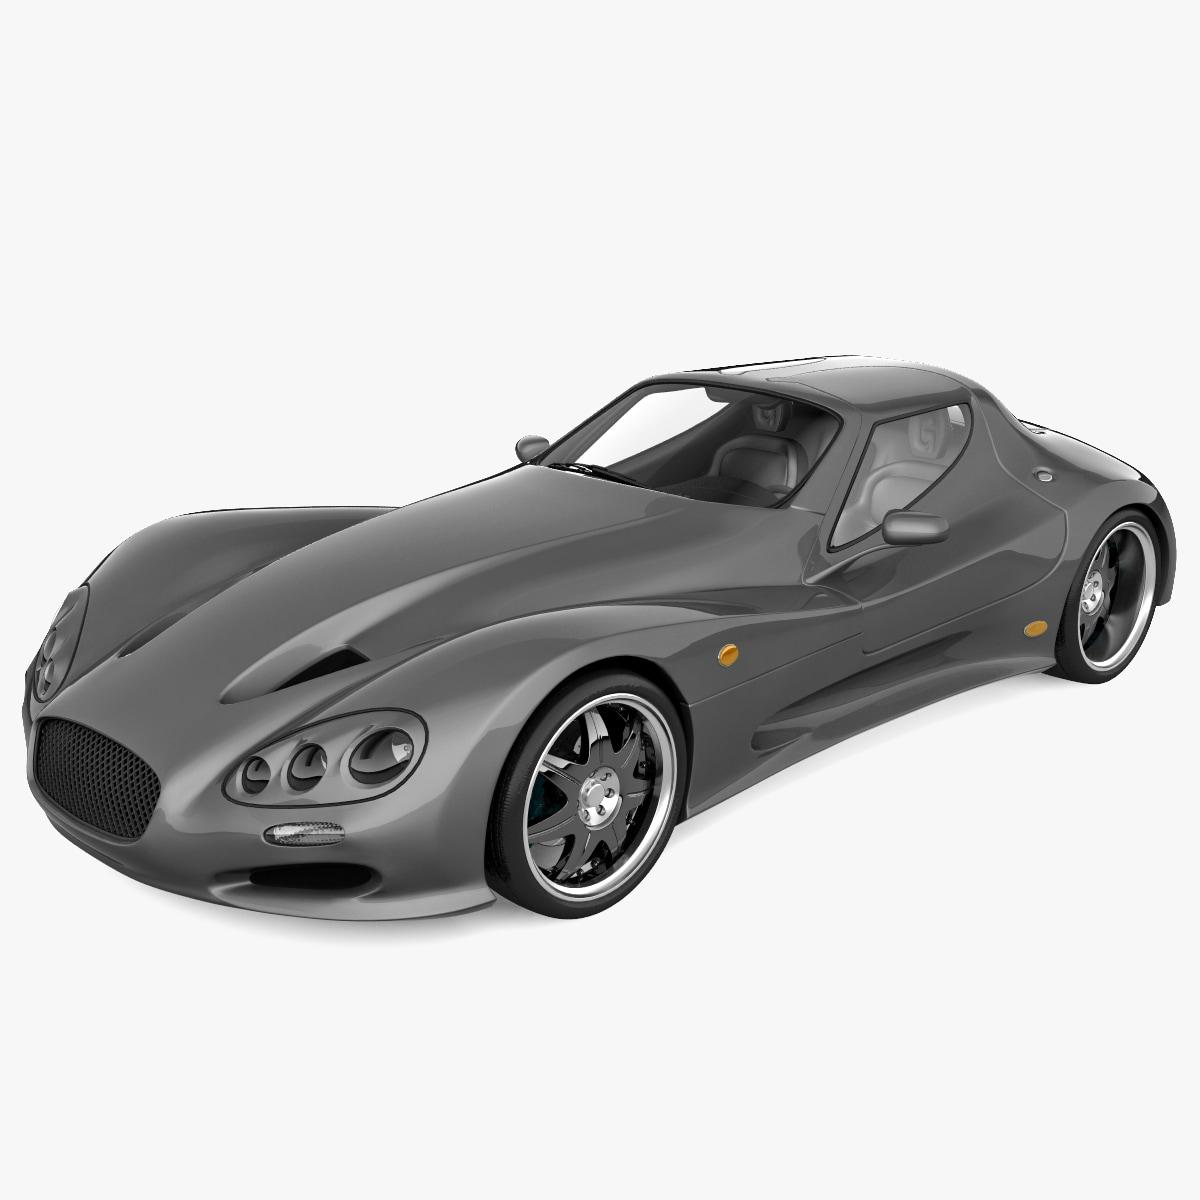 Supercar_Gillet_Vertigo_Rigged_00.jpg